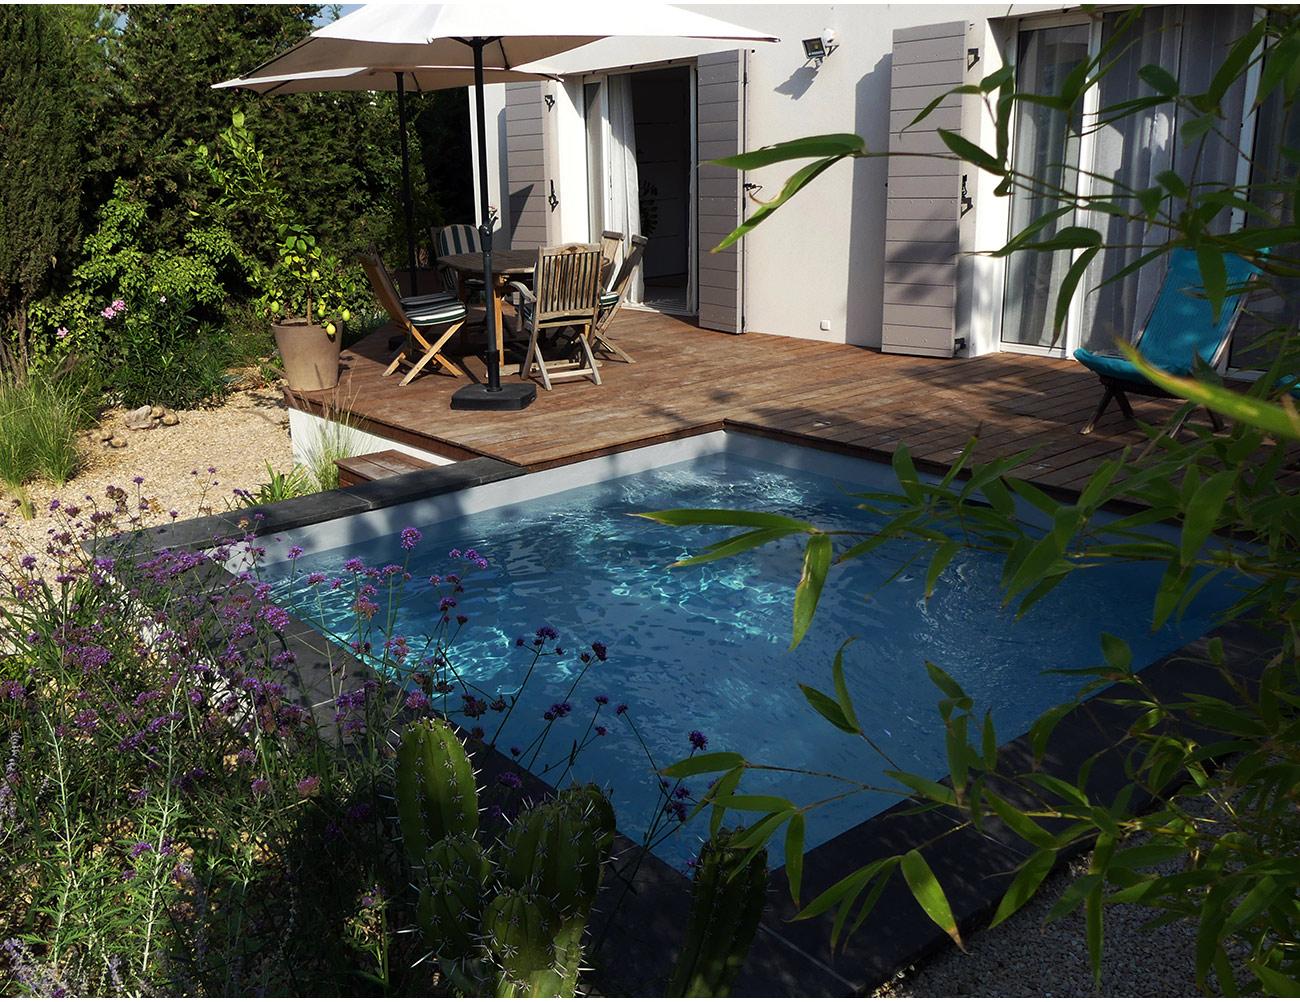 Micro piscine carrée - Architecte paysagiste concepteur Montpellier